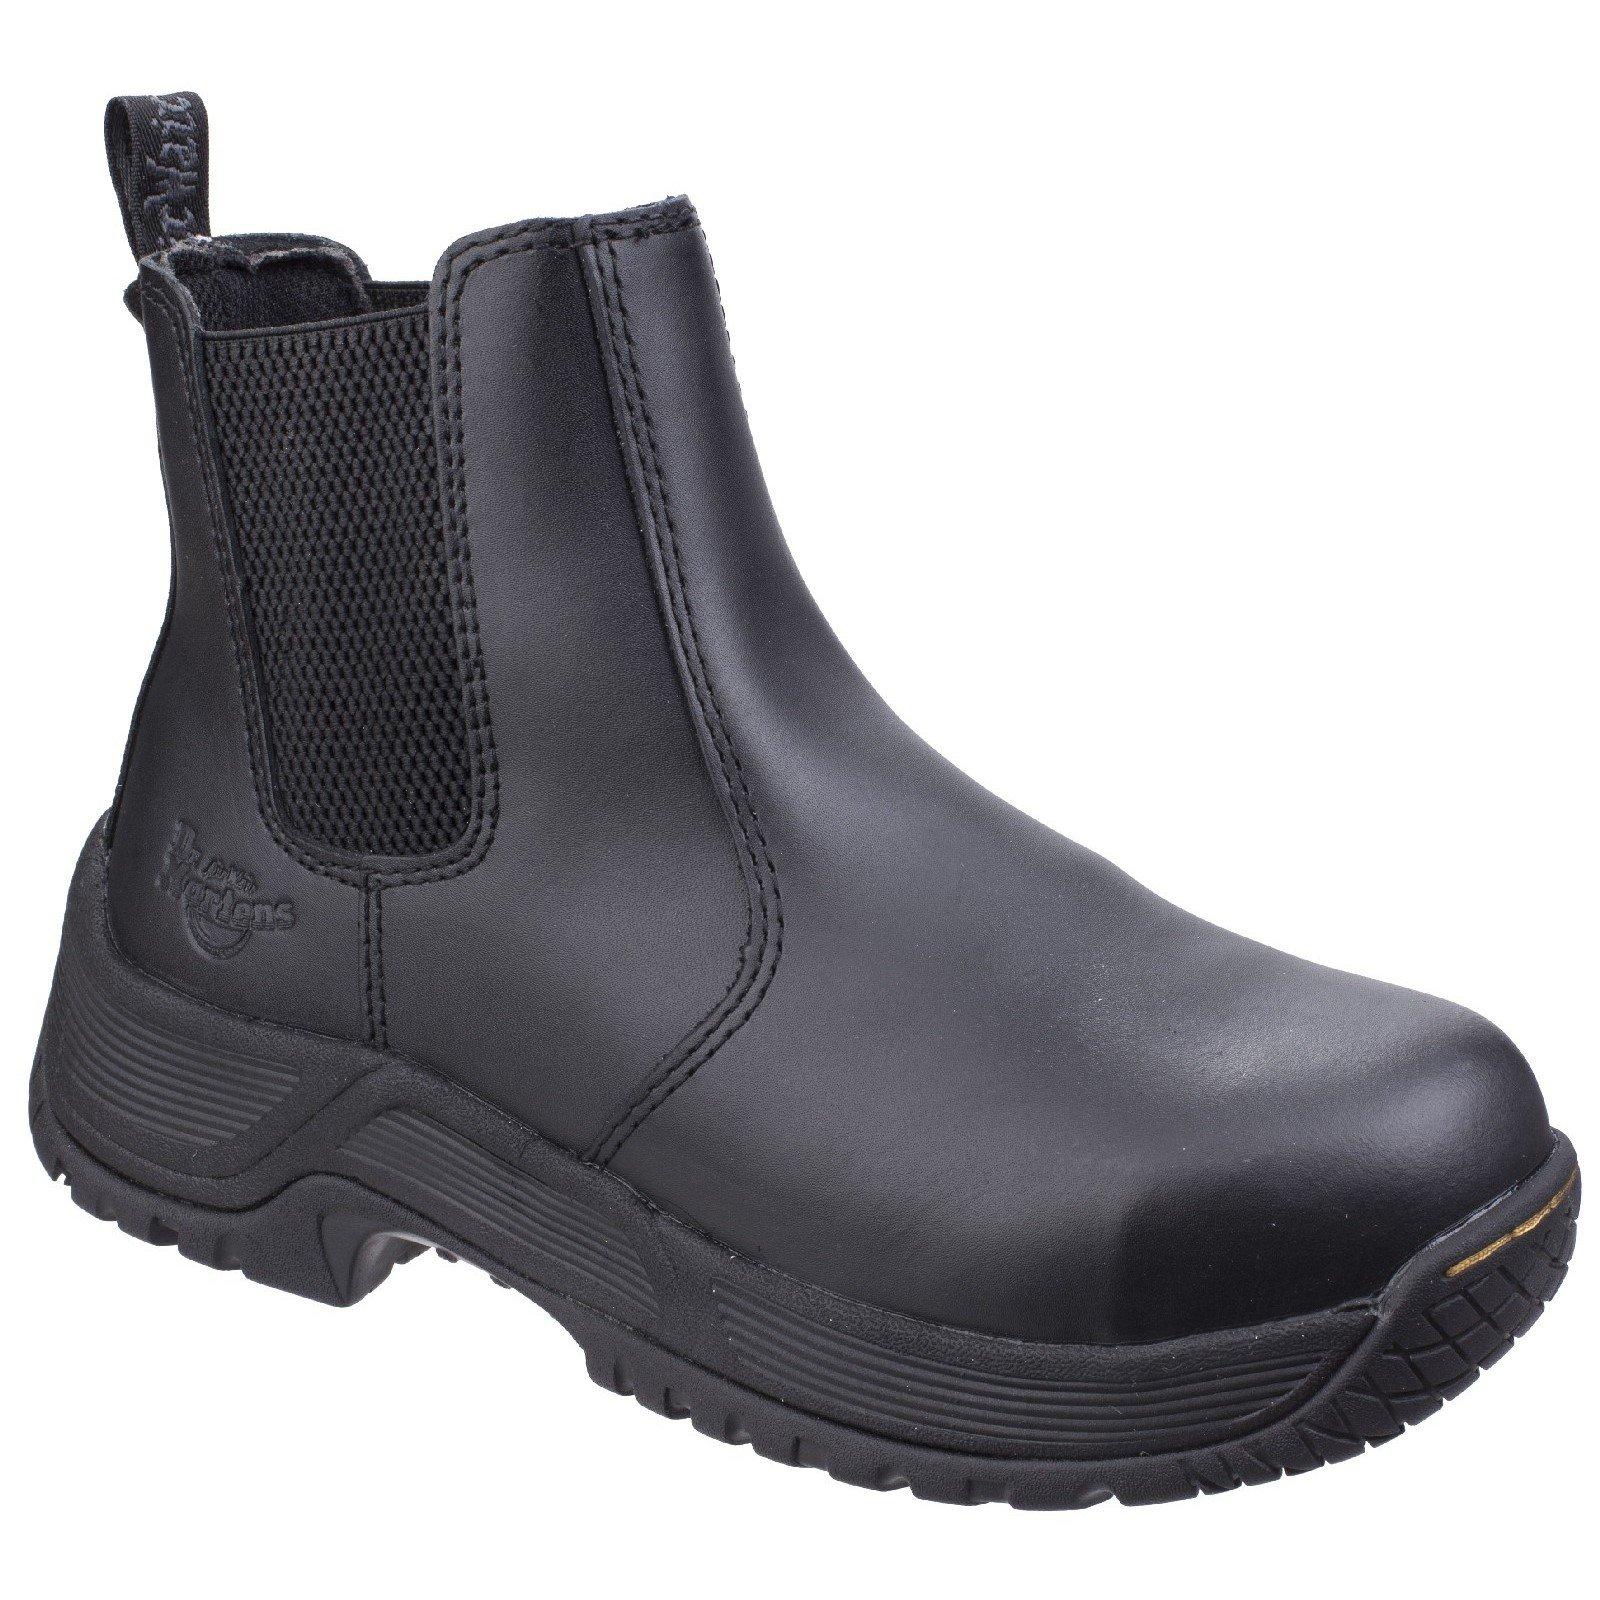 Dr Martens Men's Drakelow Safety Boot Black 26021 - Black 12